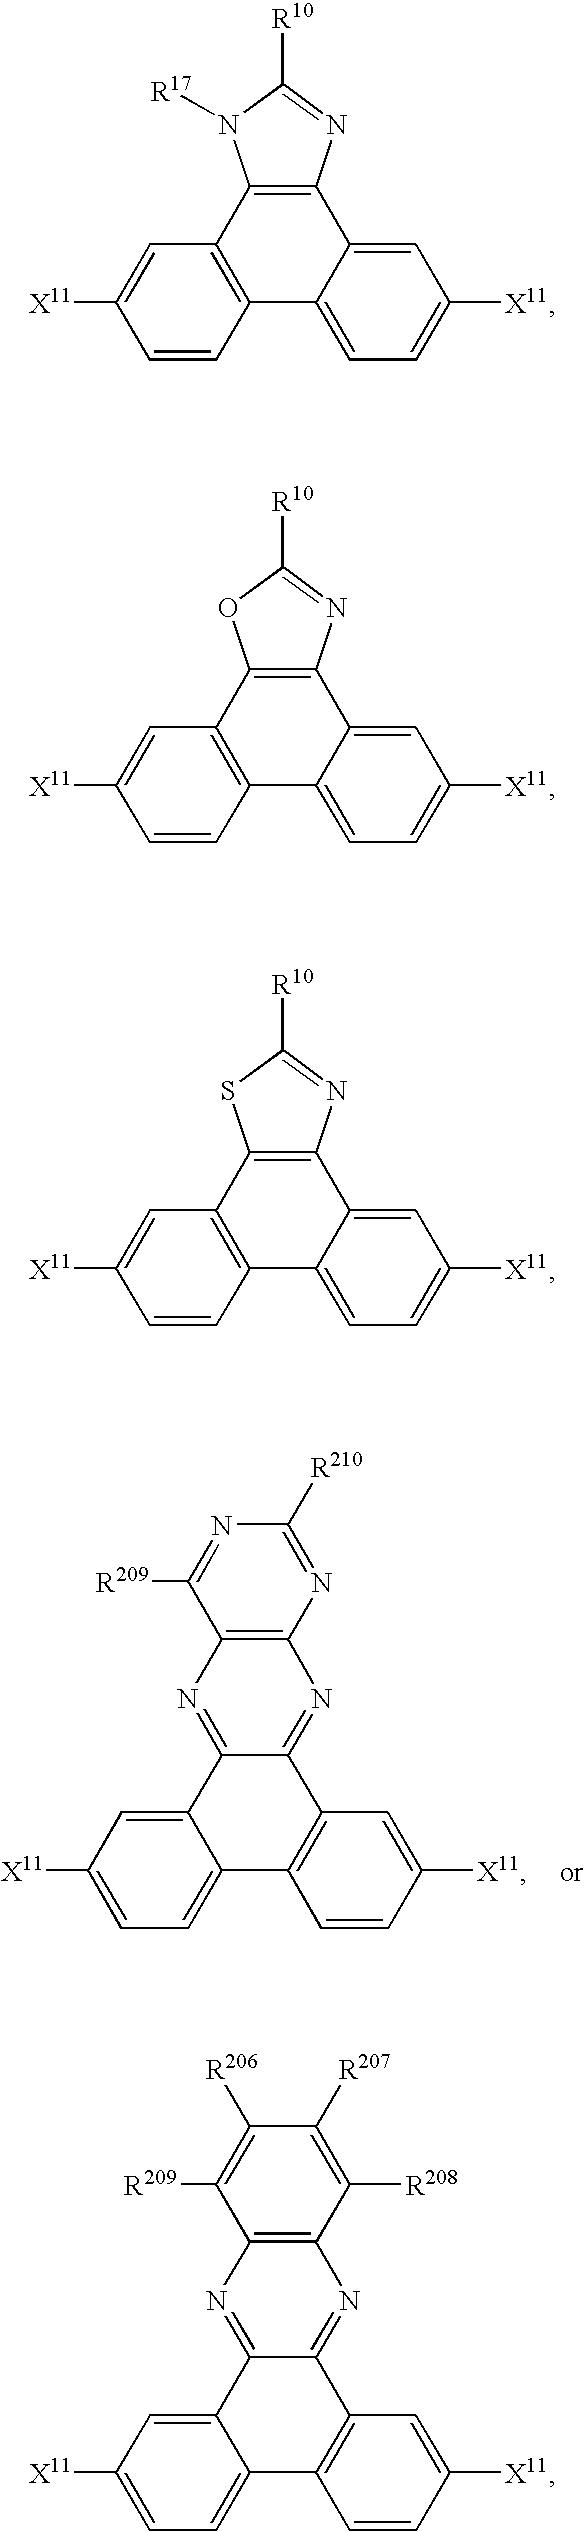 Figure US20090105447A1-20090423-C00096